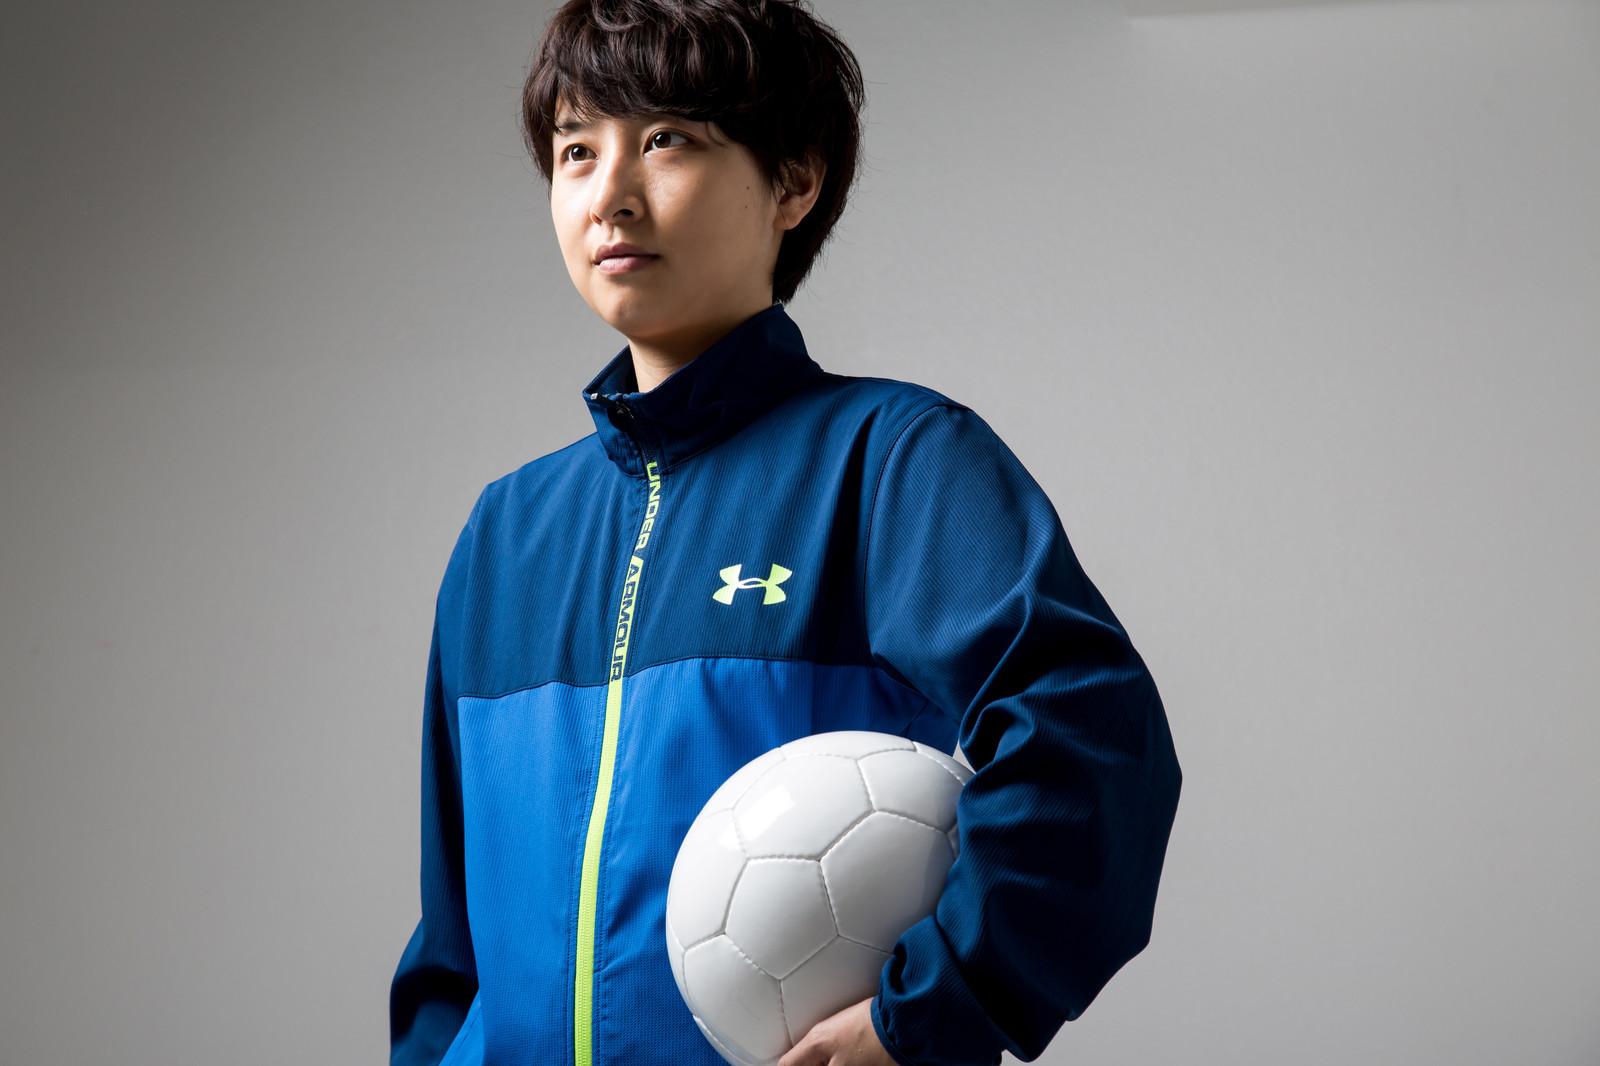 香川真司の画像まとめ!日本代表の筋肉・私服・髪型などを